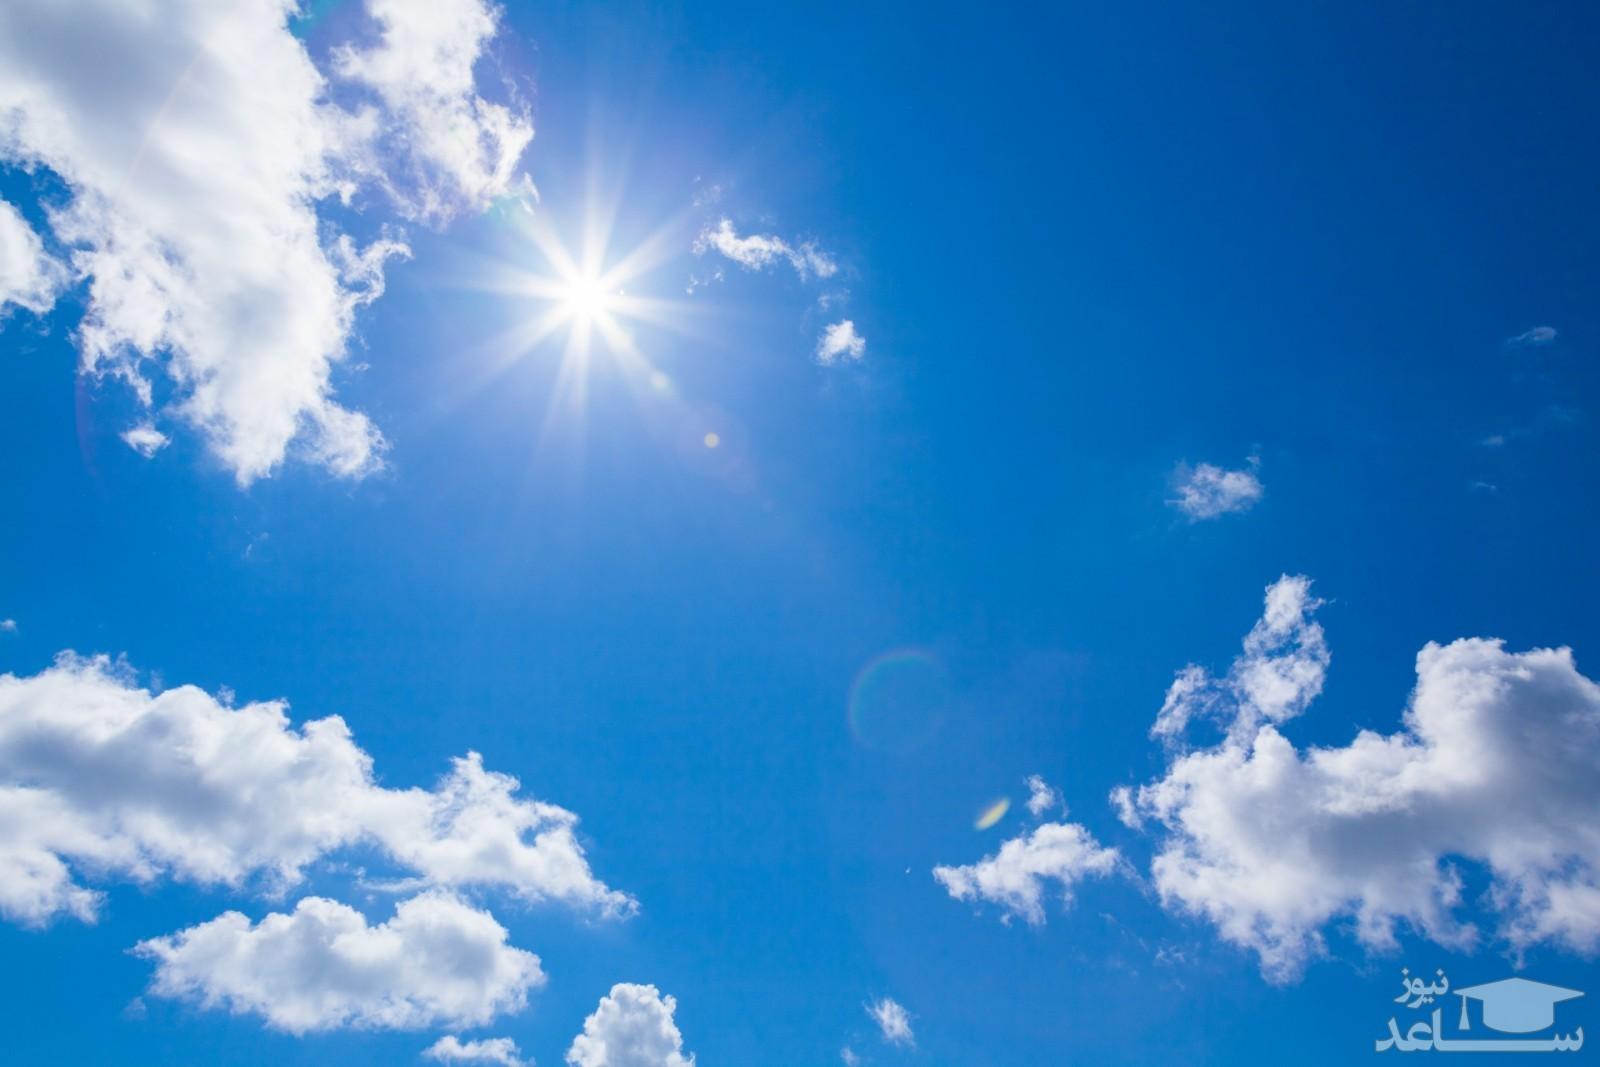 حرکات زیبای کلونی سارها در آسمان